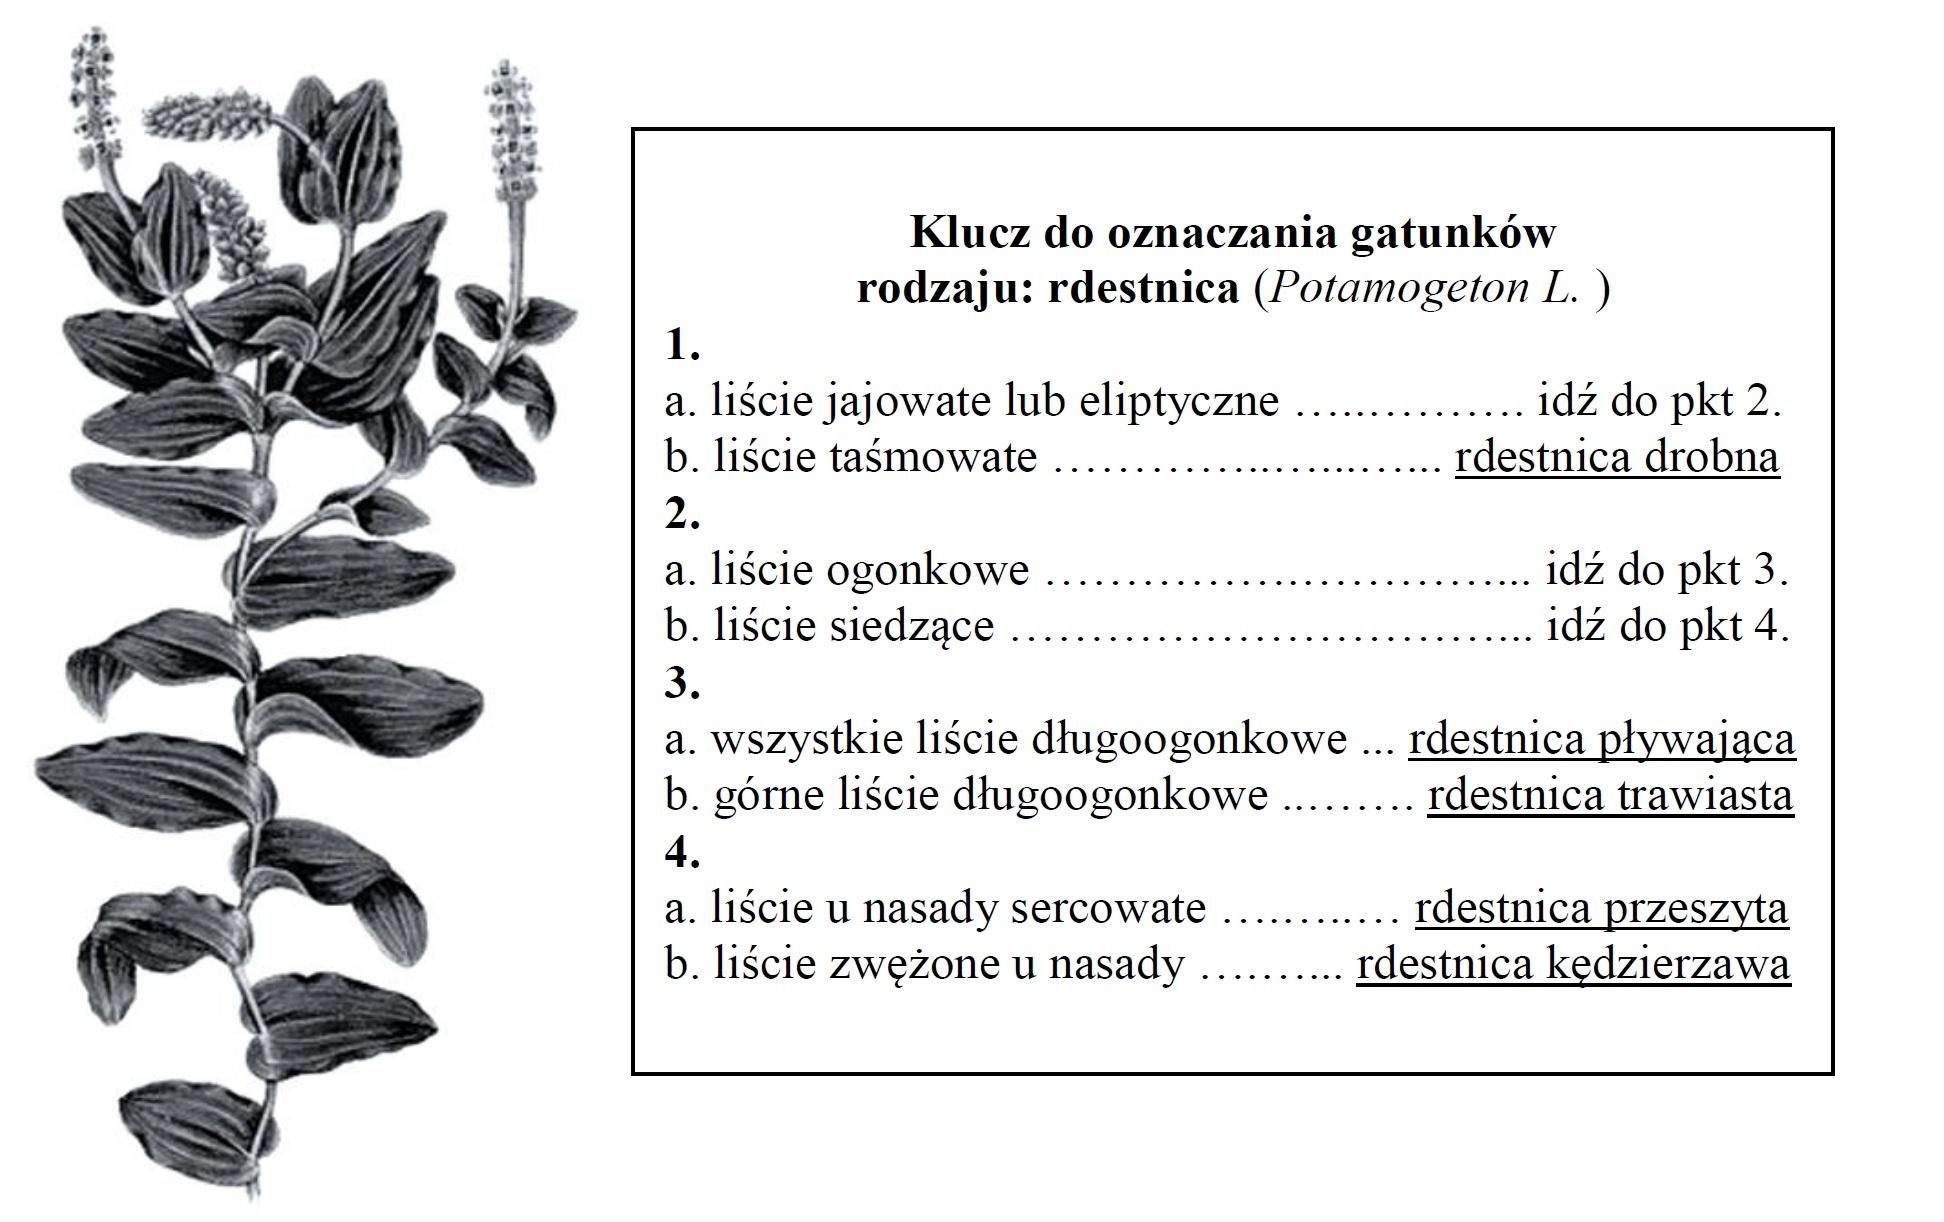 Klucz do oznaczania roślin.